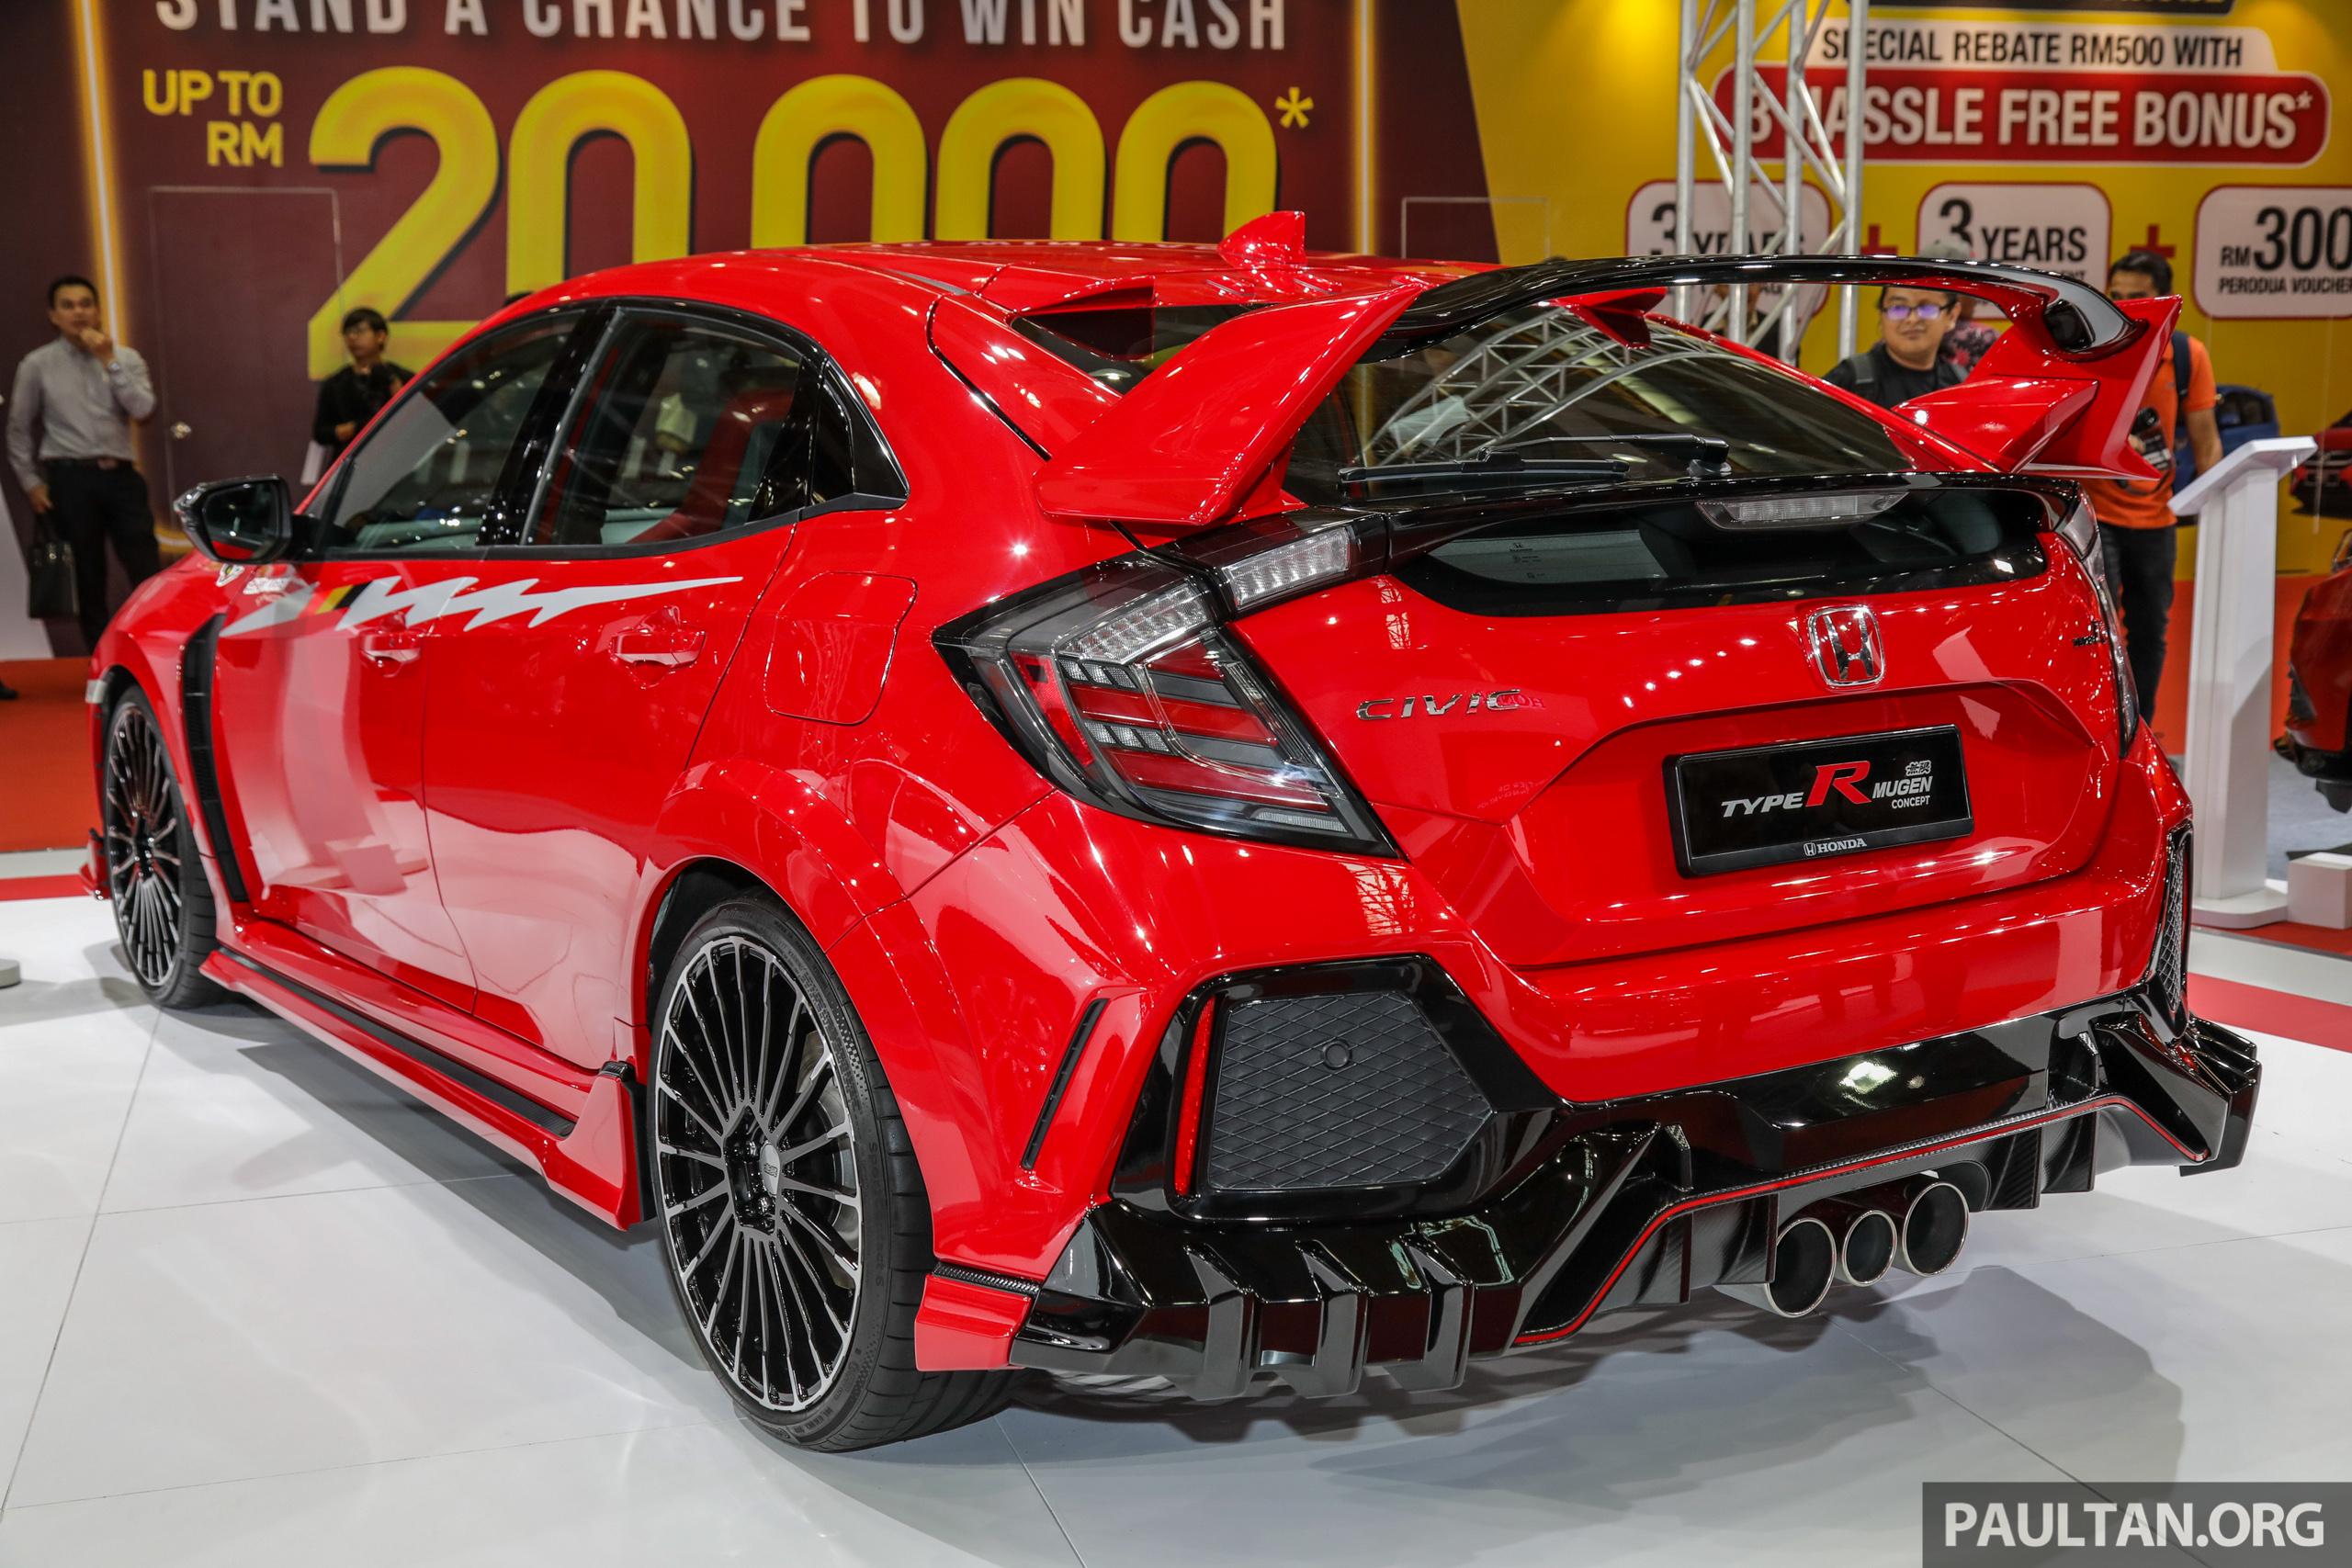 Kelebihan Kekurangan Harga Honda Civic Baru Perbandingan Harga